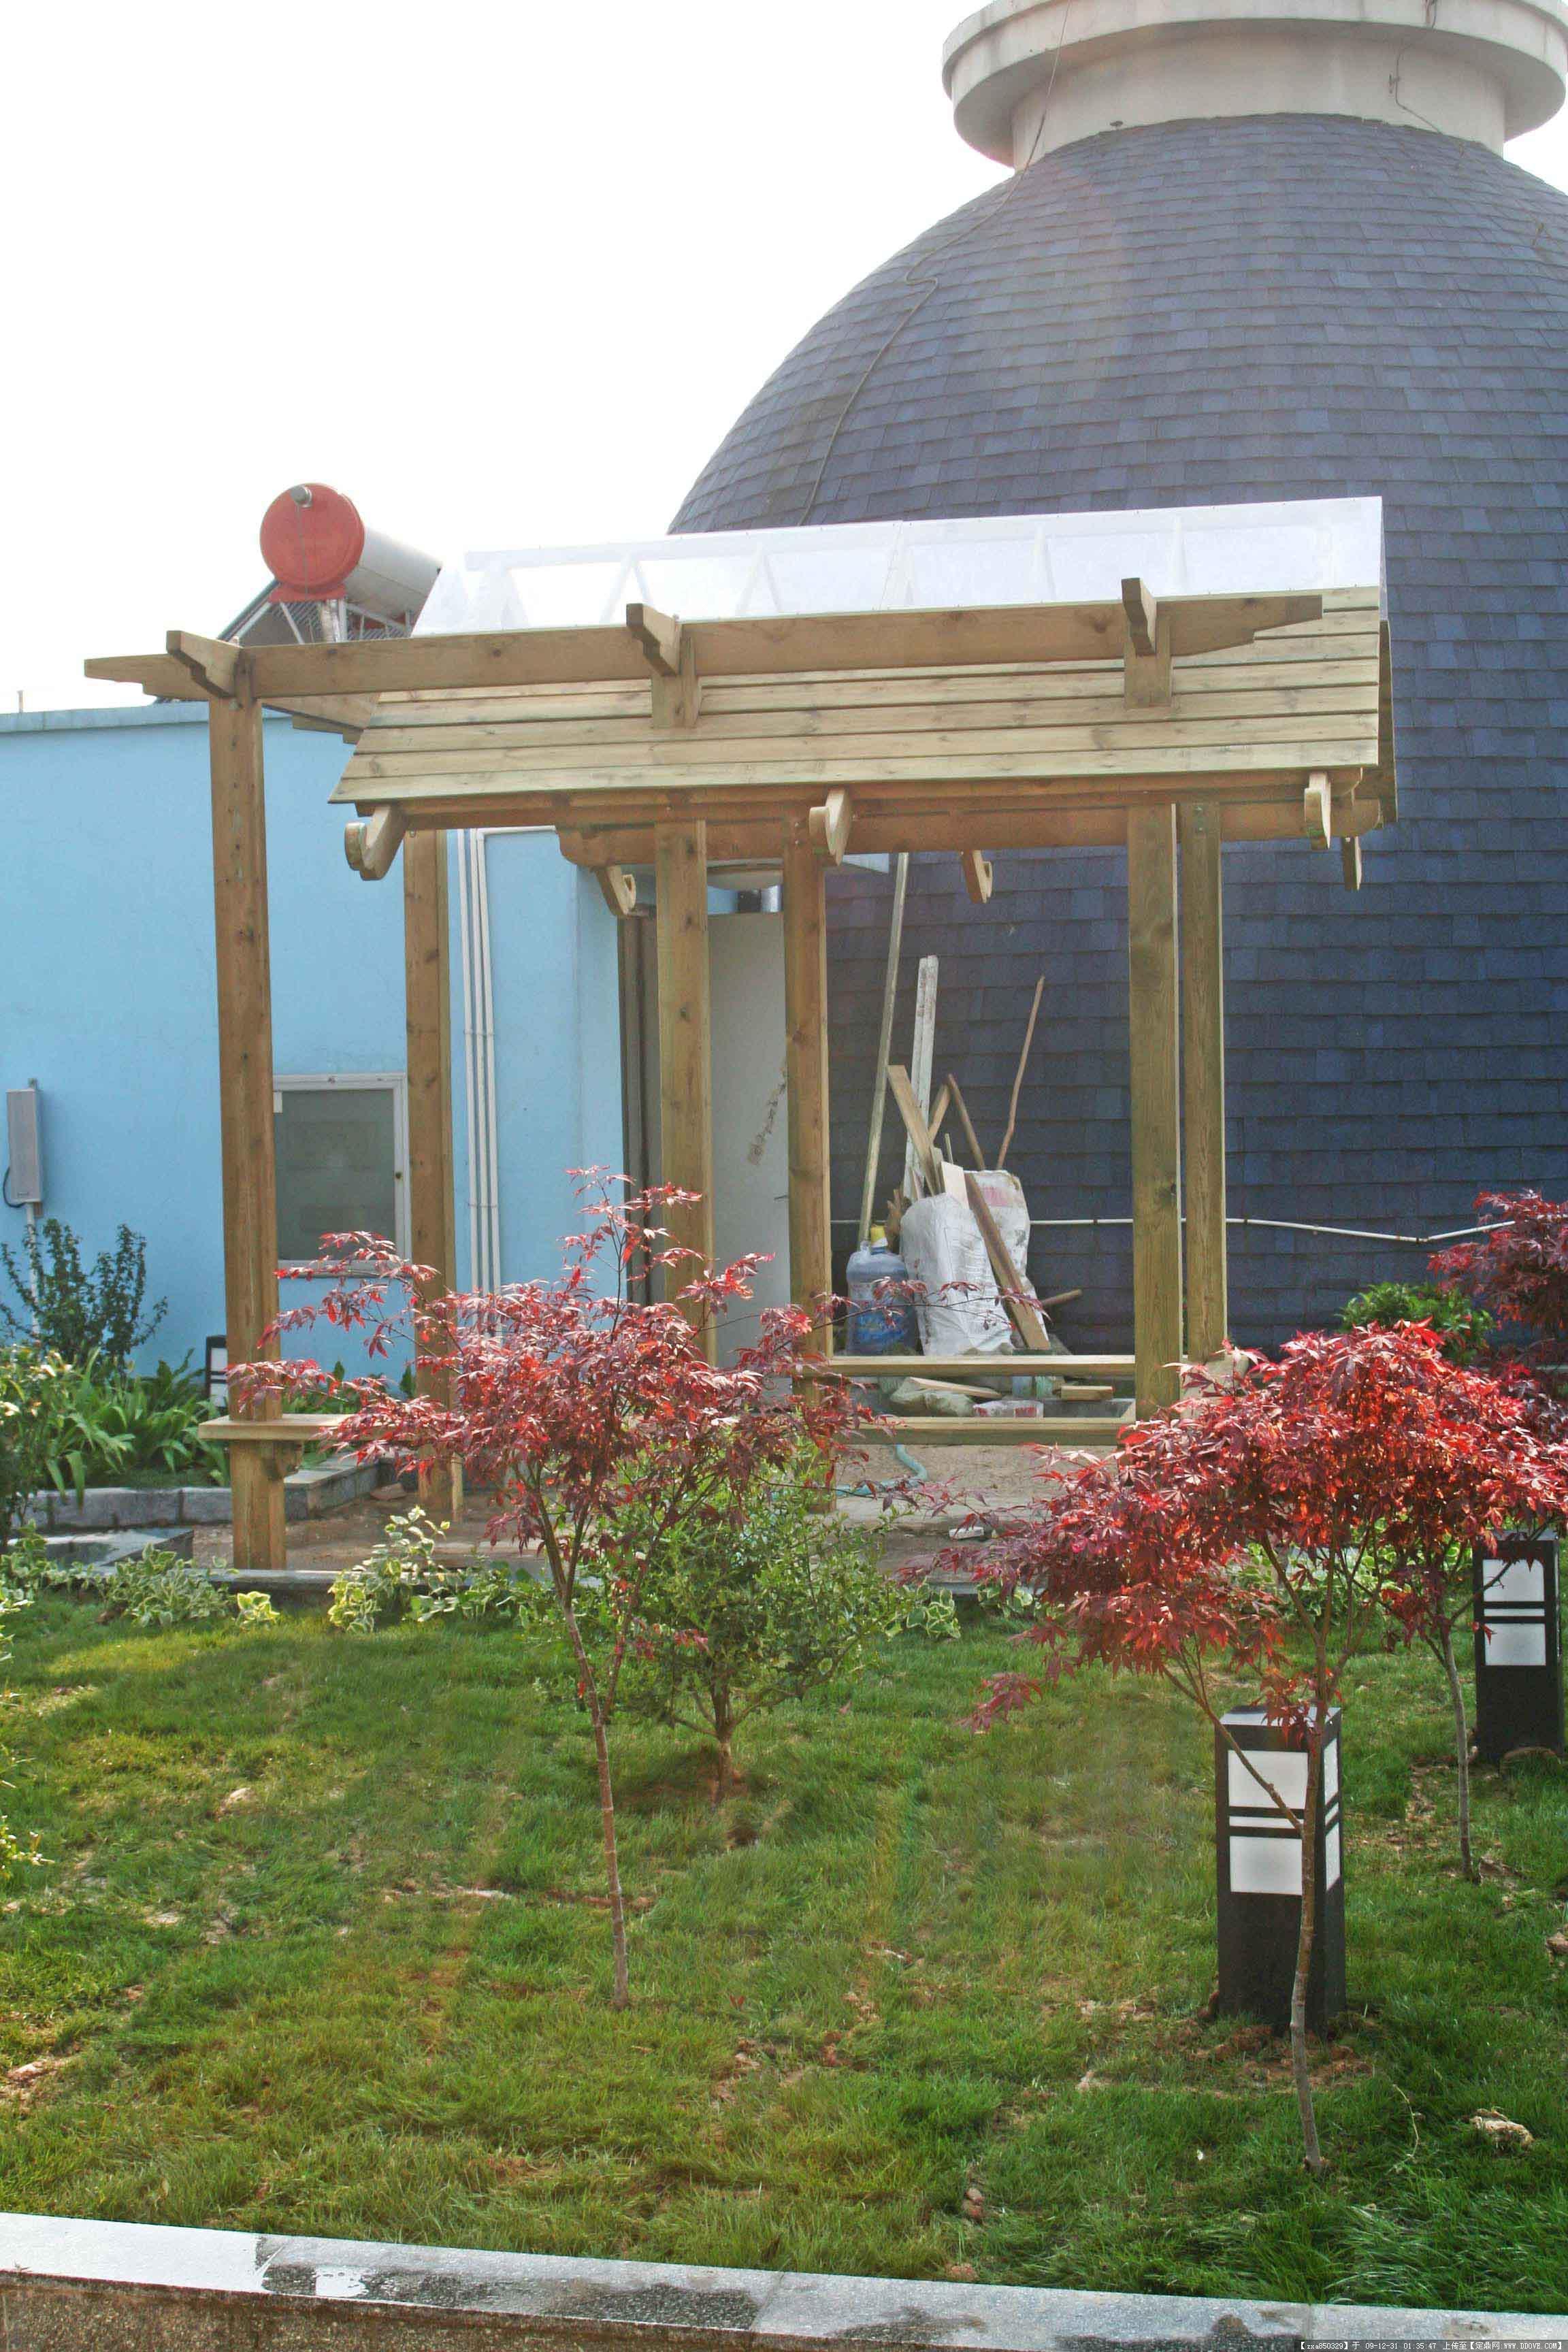 屋顶花园004; 阳台花架防腐木;; 我的空空的屋顶.